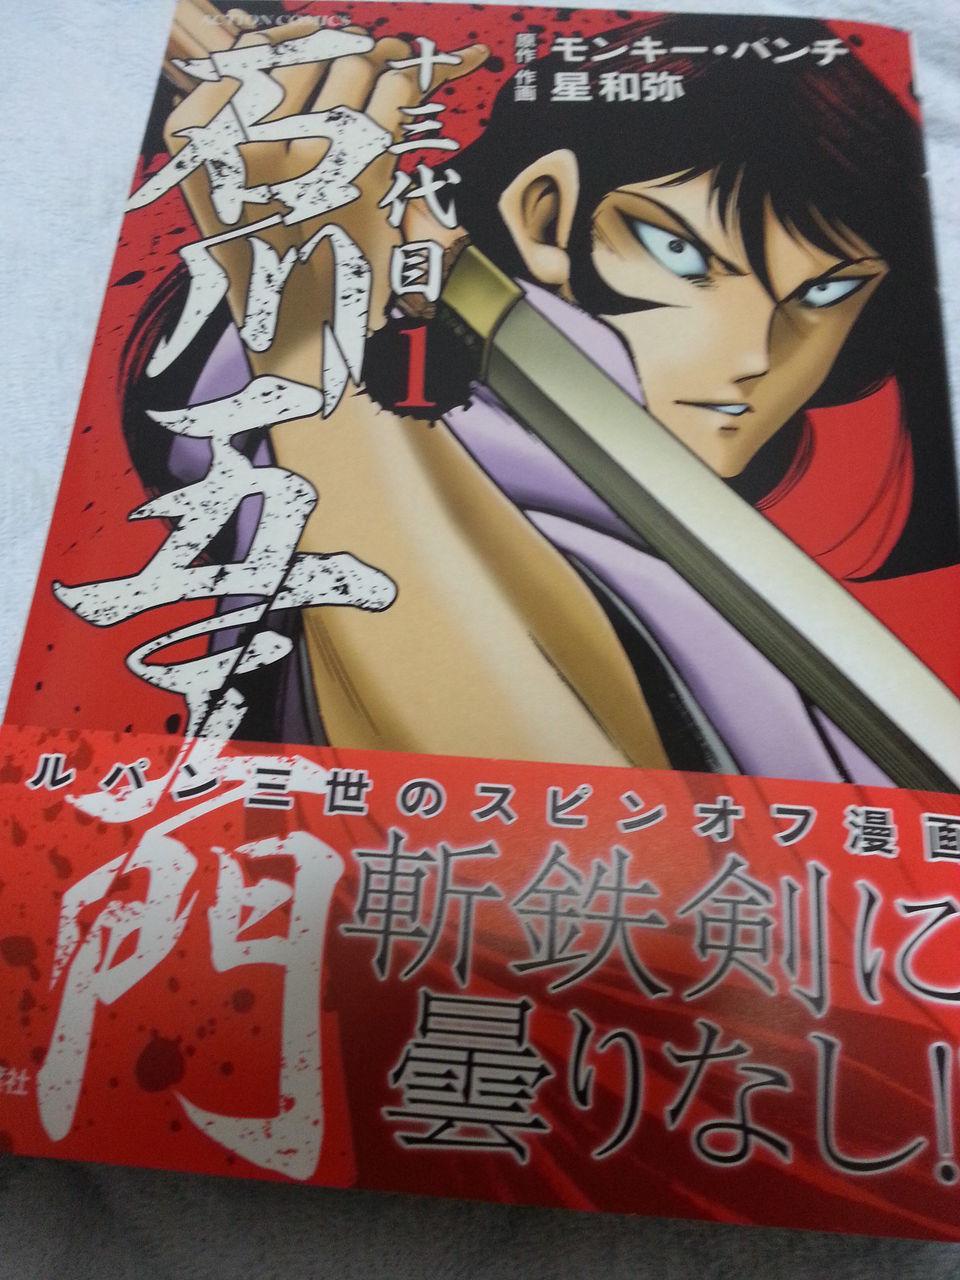 2014年9月28日 購読漫畫 : 録読・漫